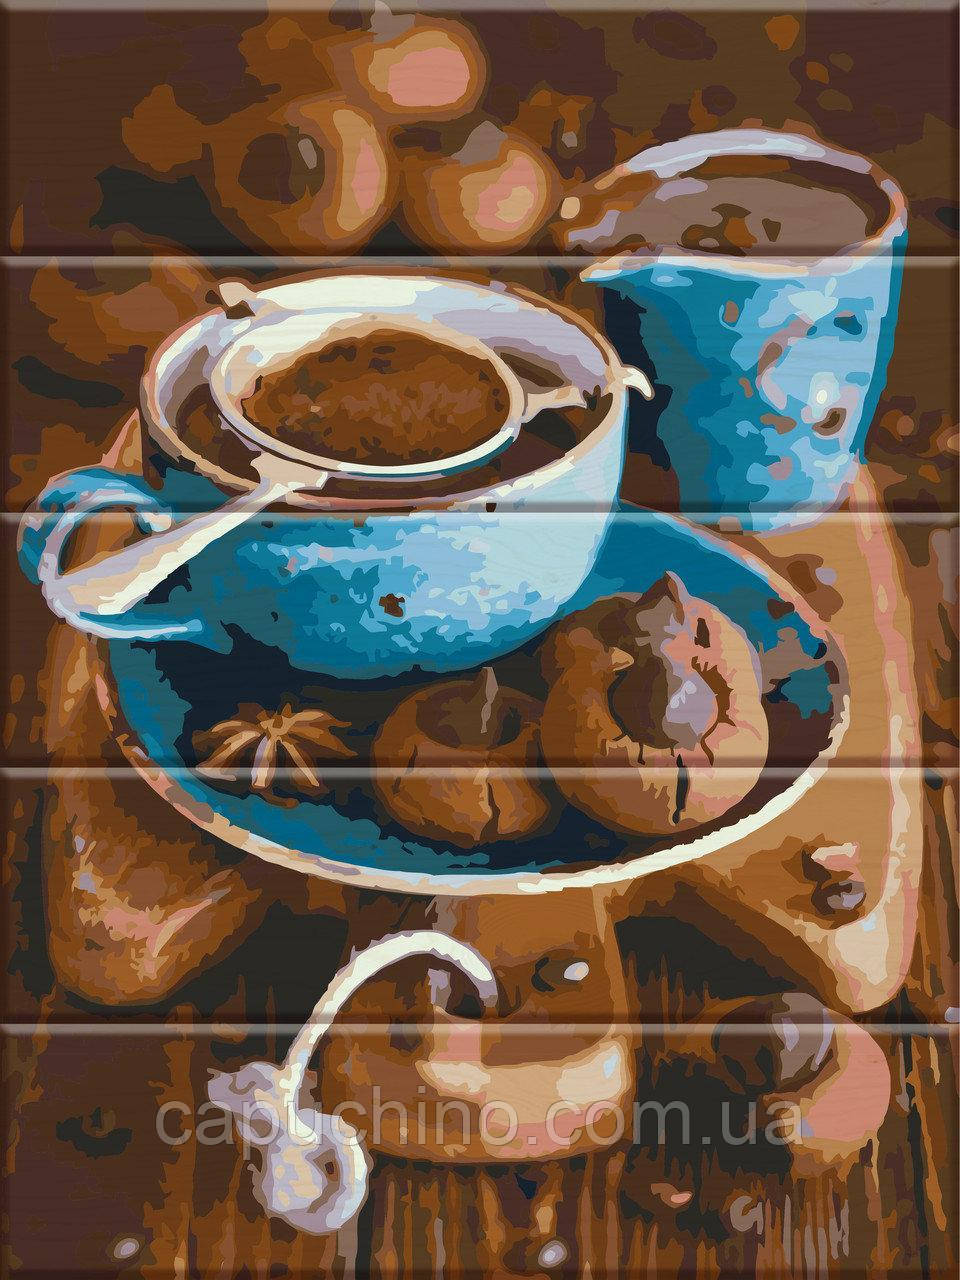 Картина по номерам рисование на дереве ArtStory Вкус кофе ASW026 30х40 см набор для росписи краски, кисти,